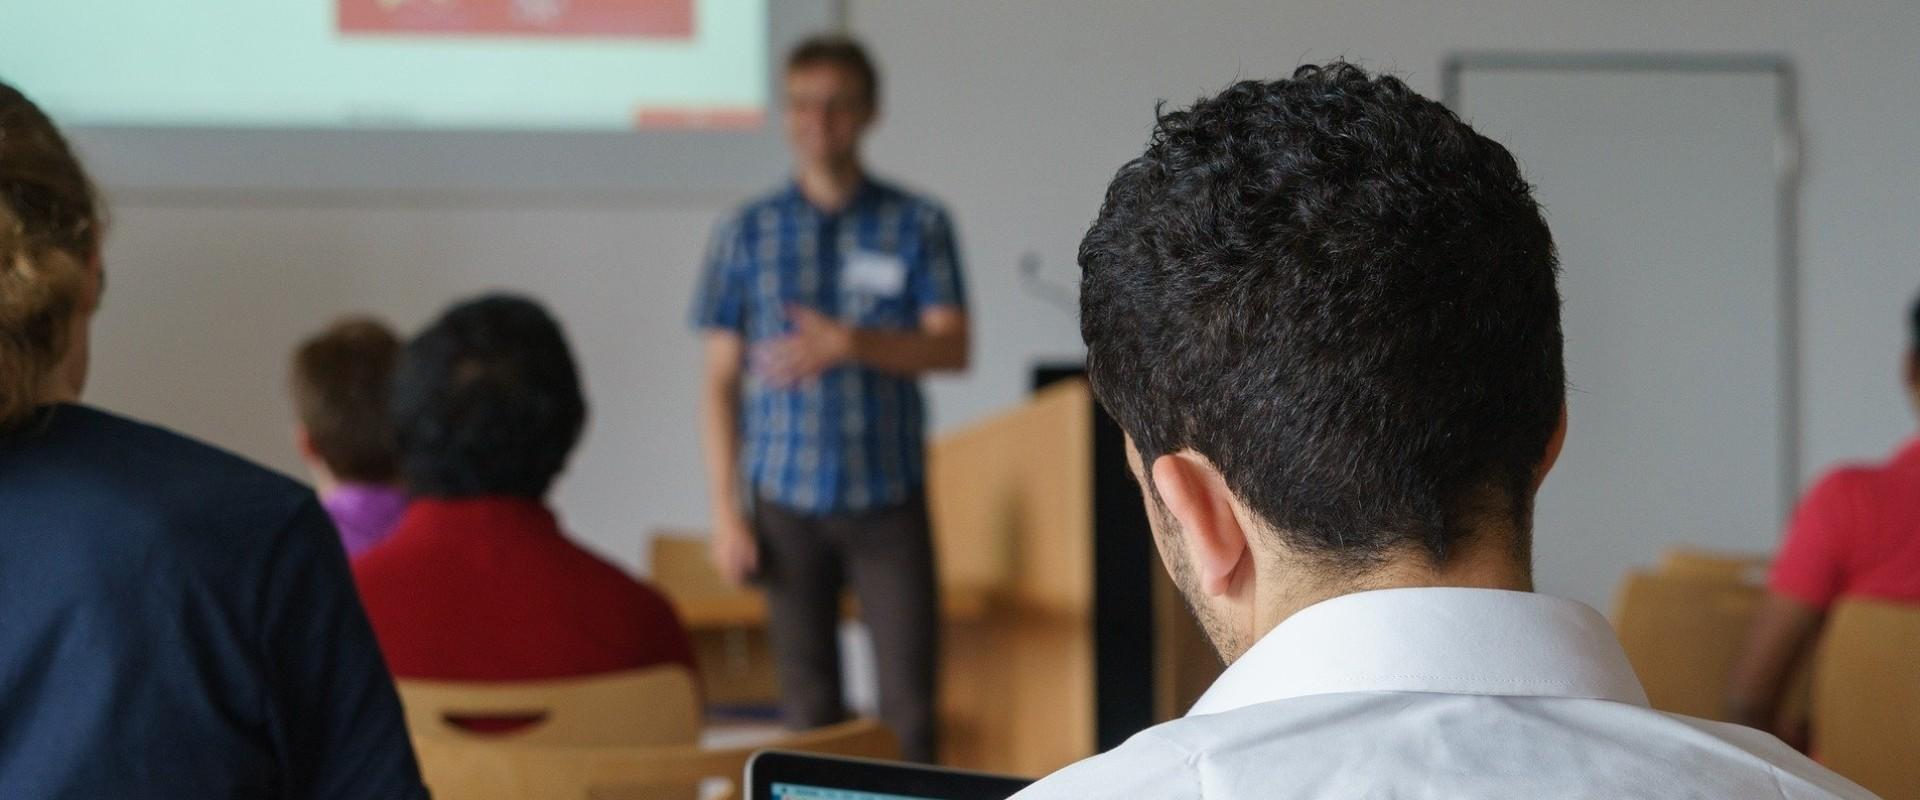 Actieve leerkrachten voor goed onderwijs